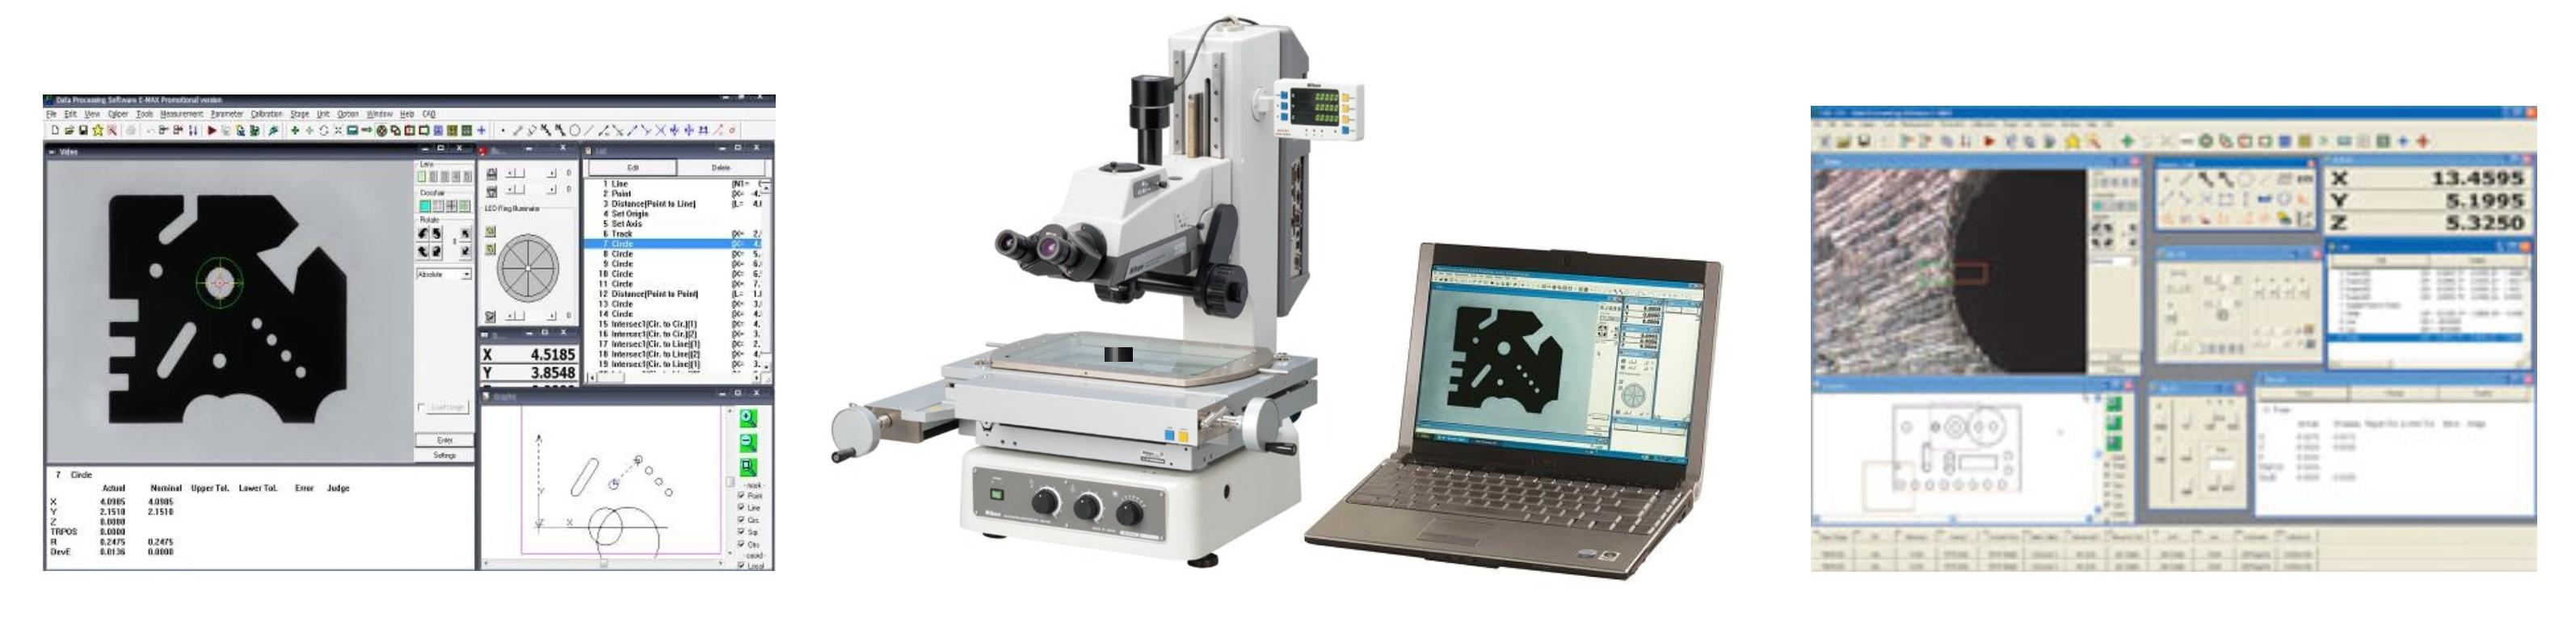 Измерительные микроскопы цена